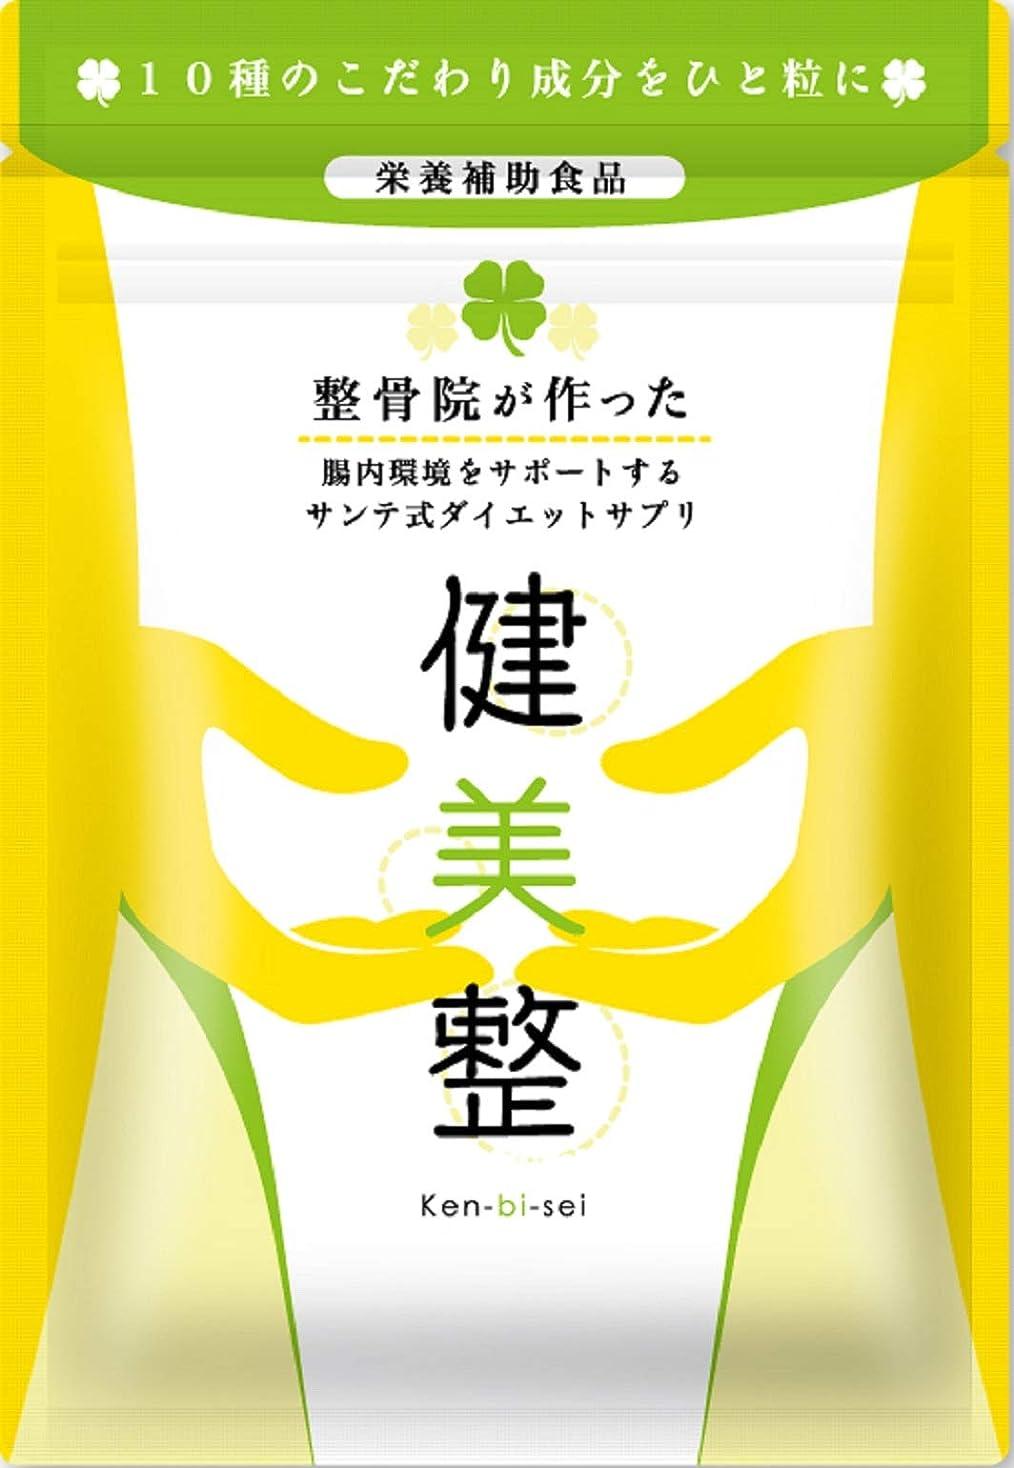 マイナス集めるカナダサプリメント ダイエット 酵素 腸内 健美整 人気 腸内環境 60粒1か月分 (1)